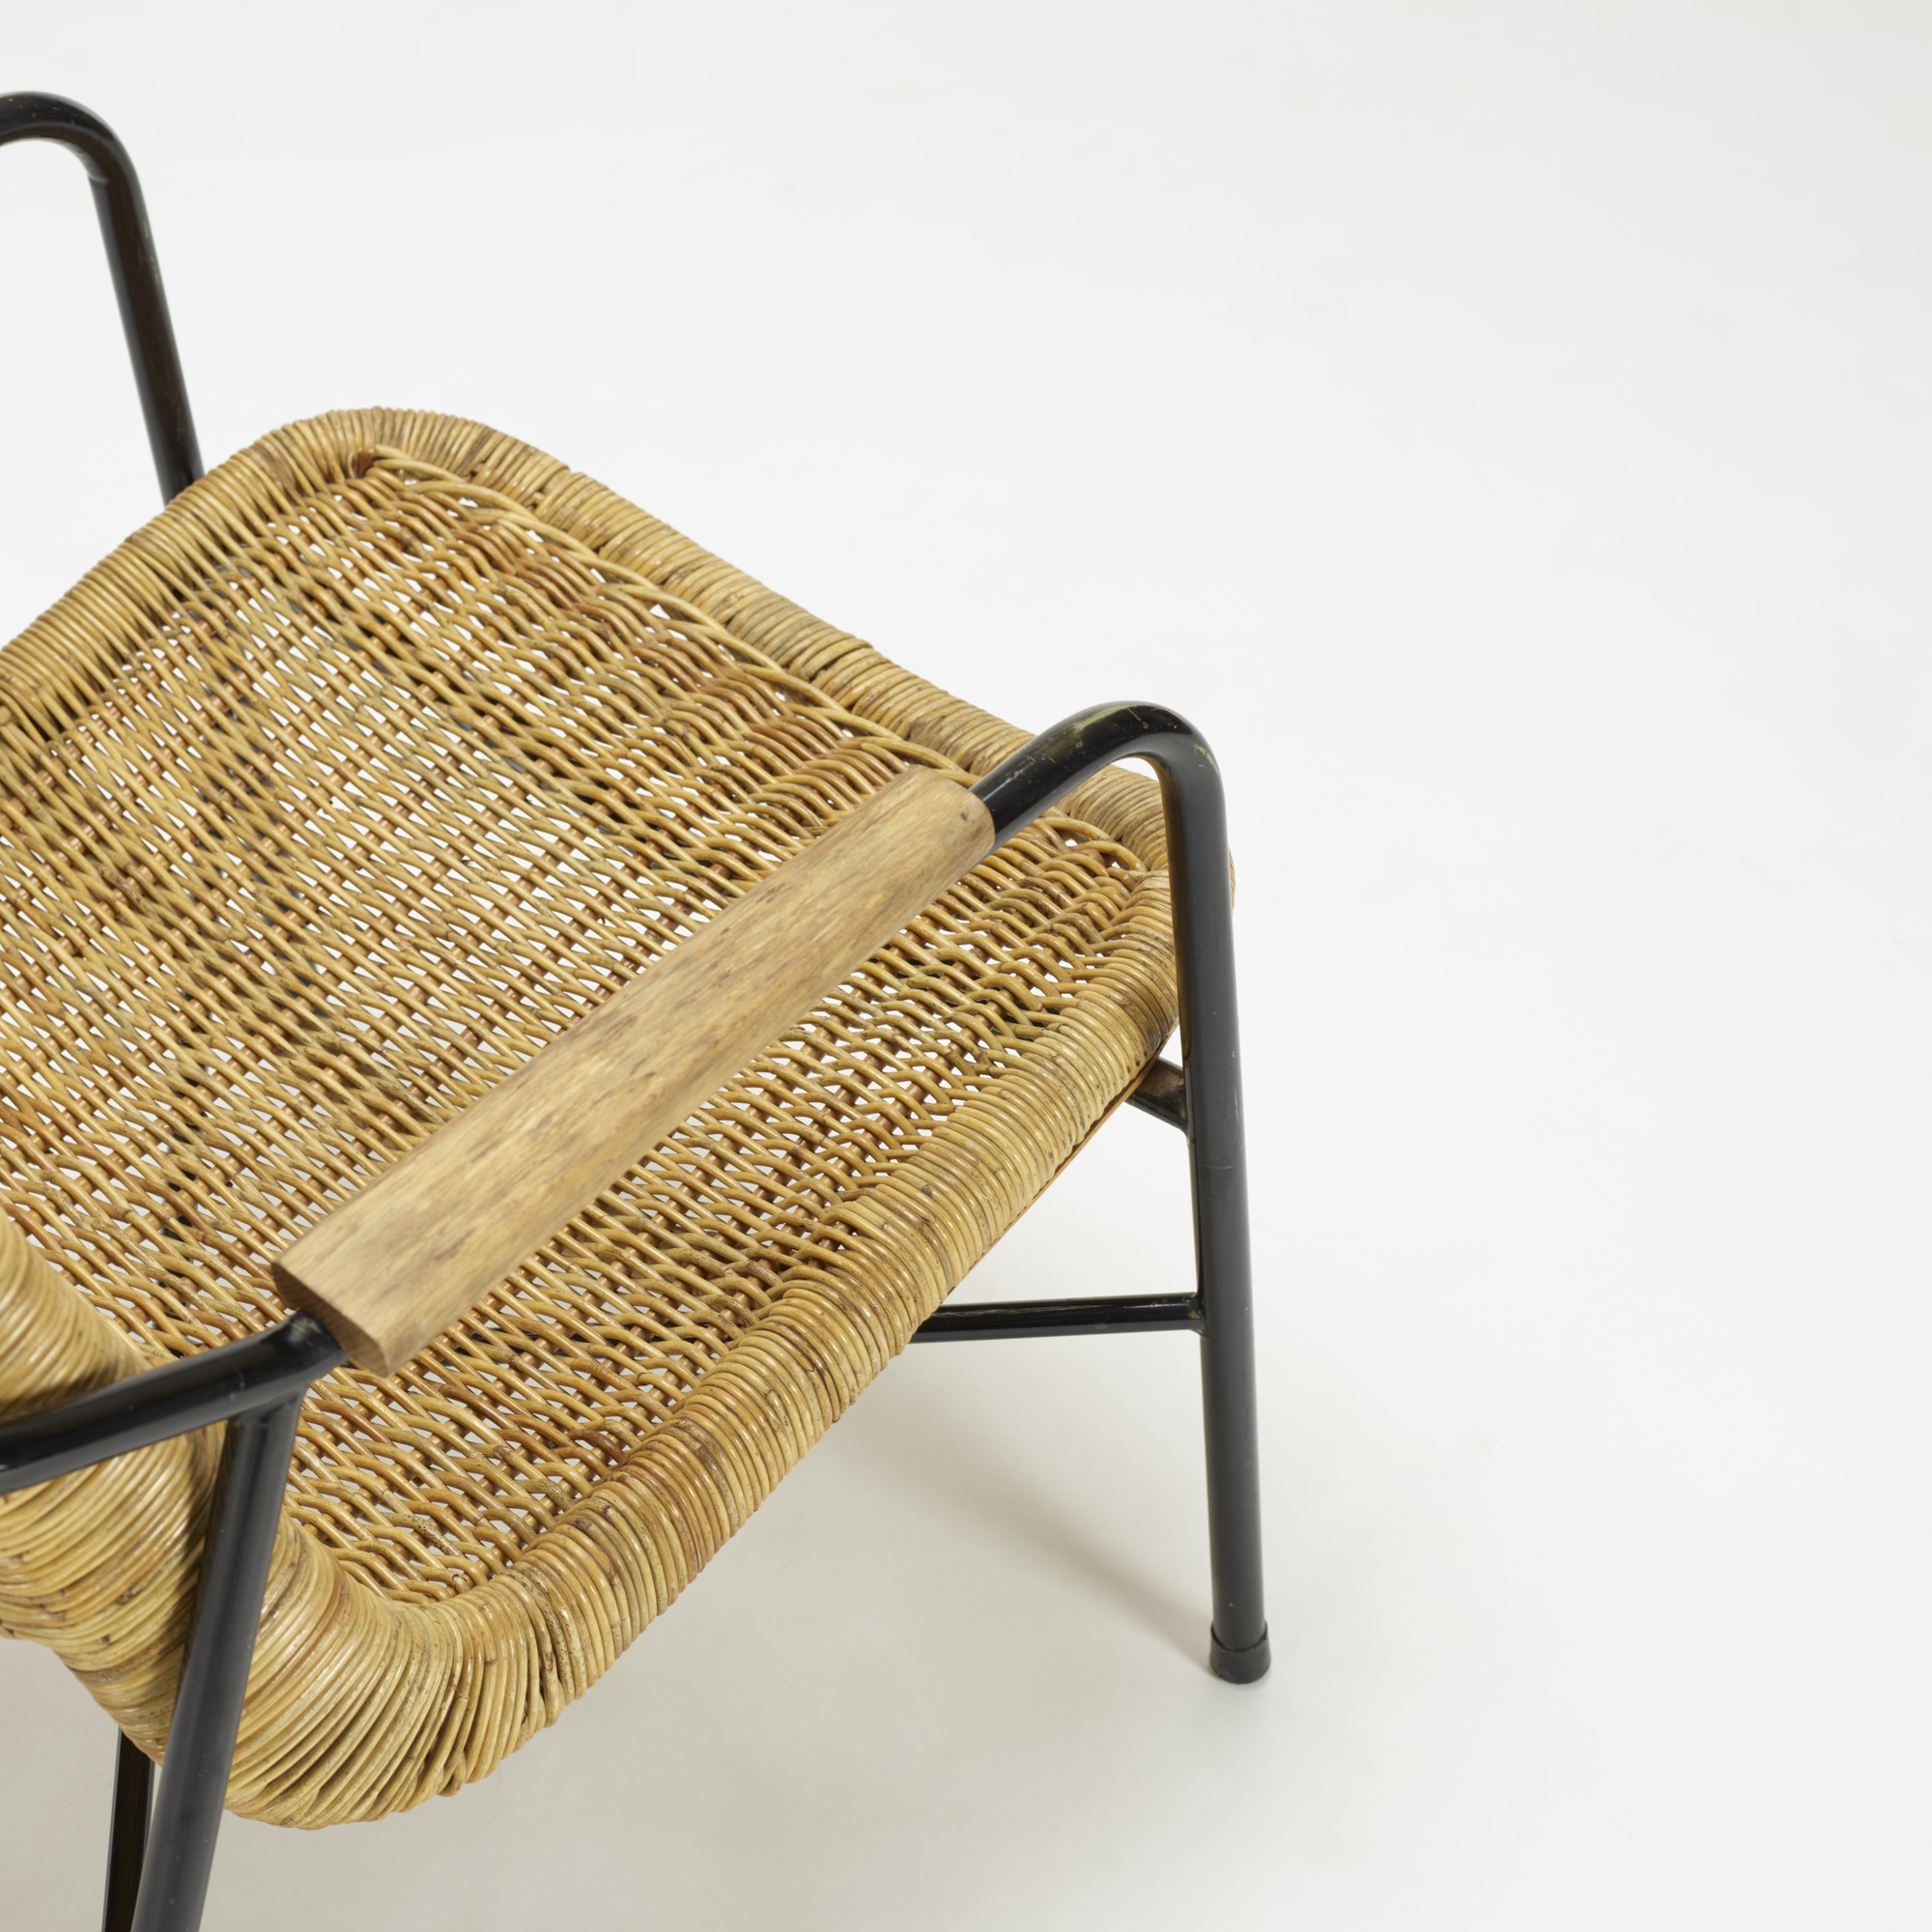 386: Dirk van Sliedregt / armchair, model 514a (3 of 3)